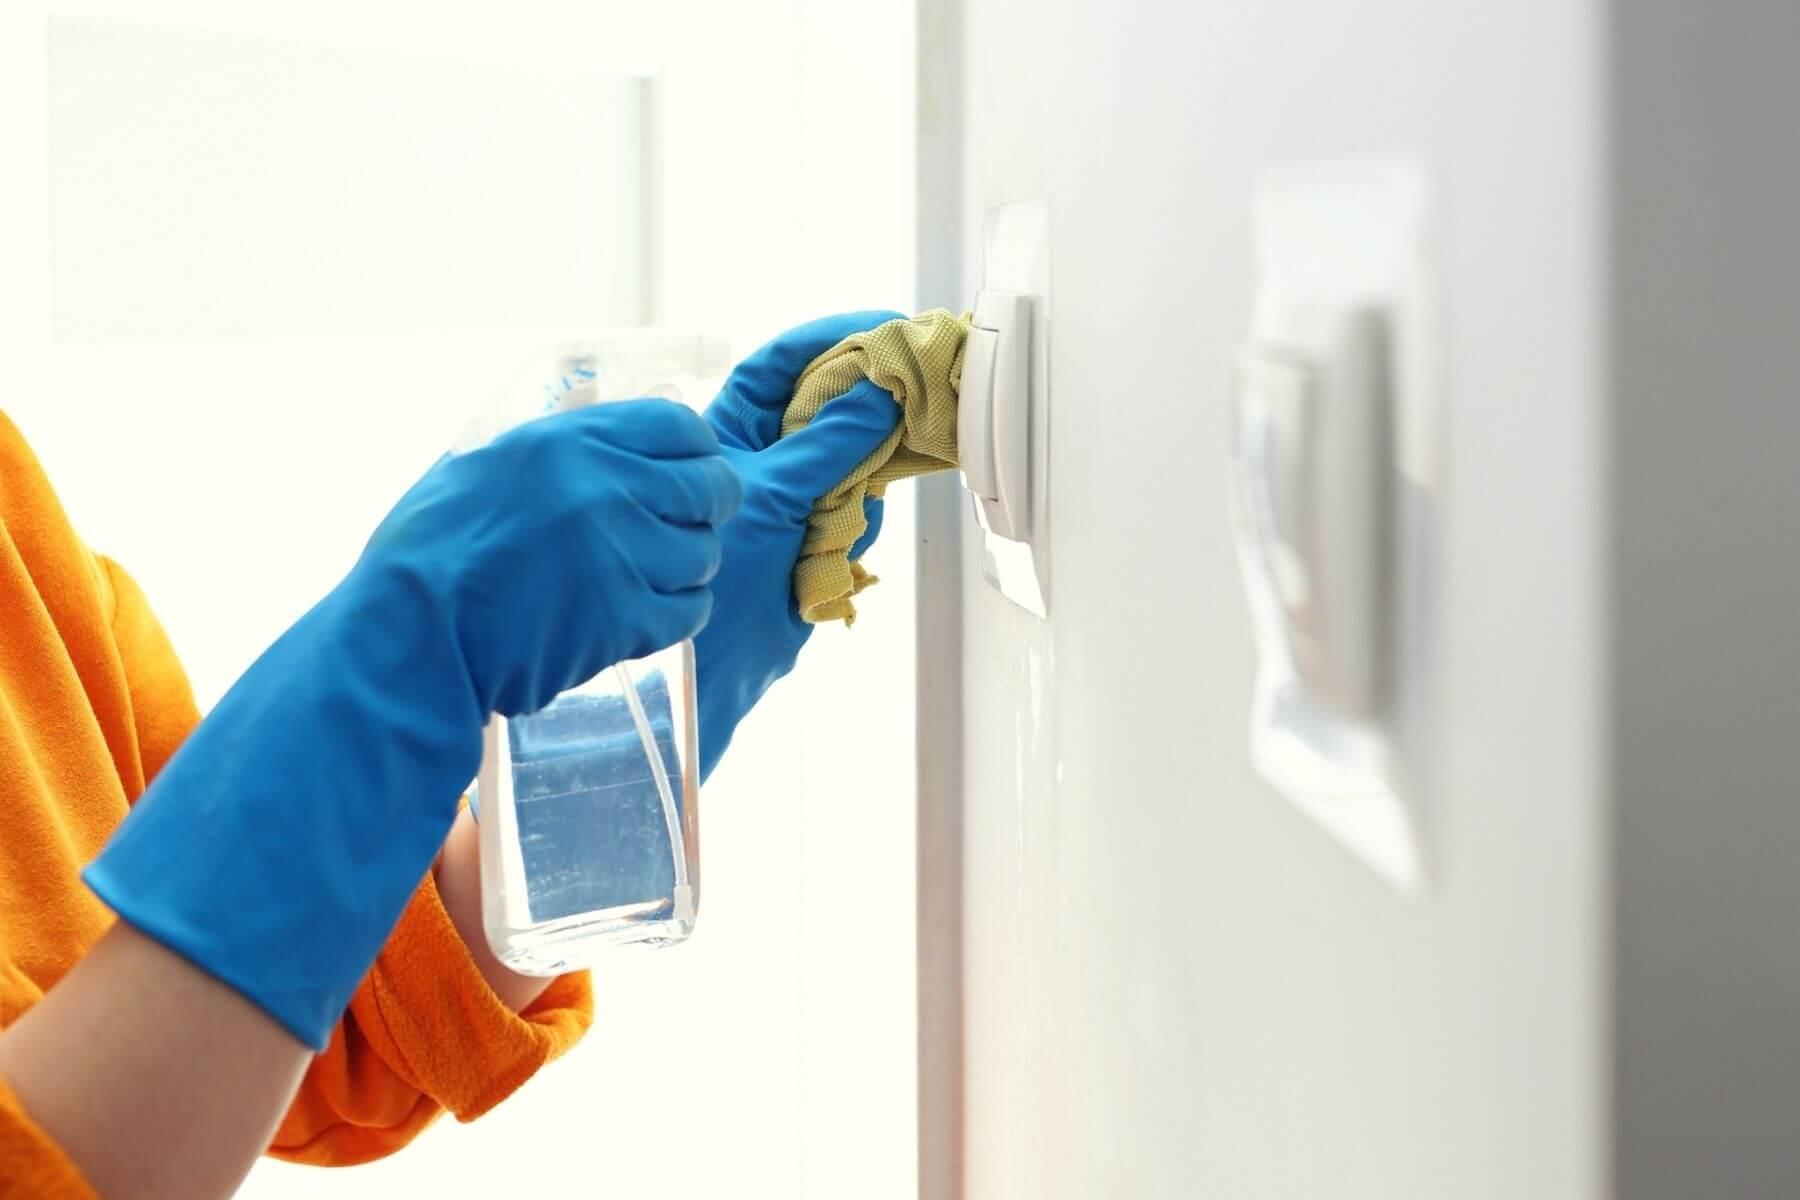 ทำความสะอาดบ้าน ป้องกัน COVID-19 สวิตช์ไฟ